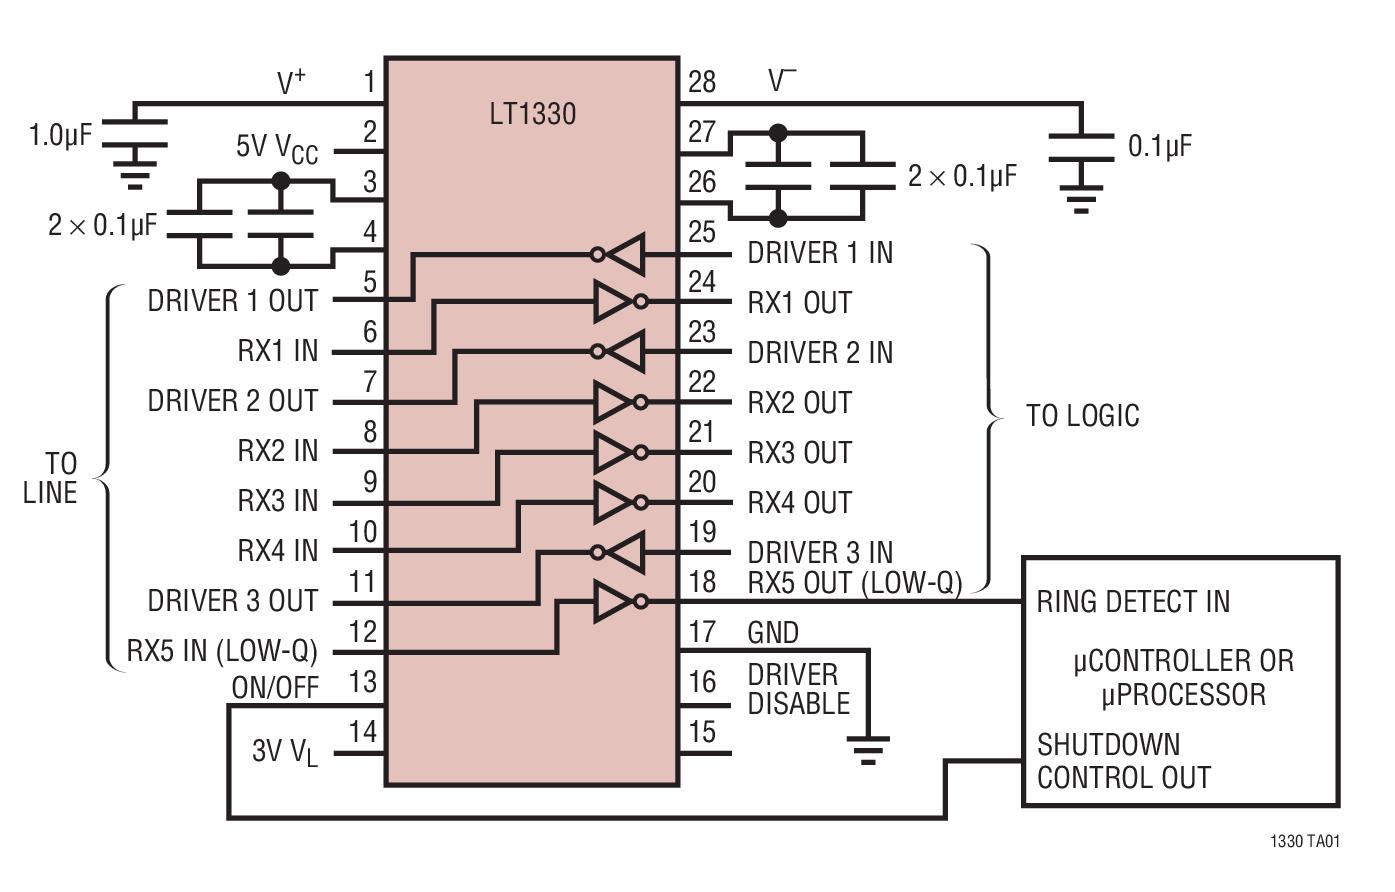 LT1330 具 3V 邏輯接口并有一個接收器在停機模式中處于運行狀態的 5V RS232 收發器